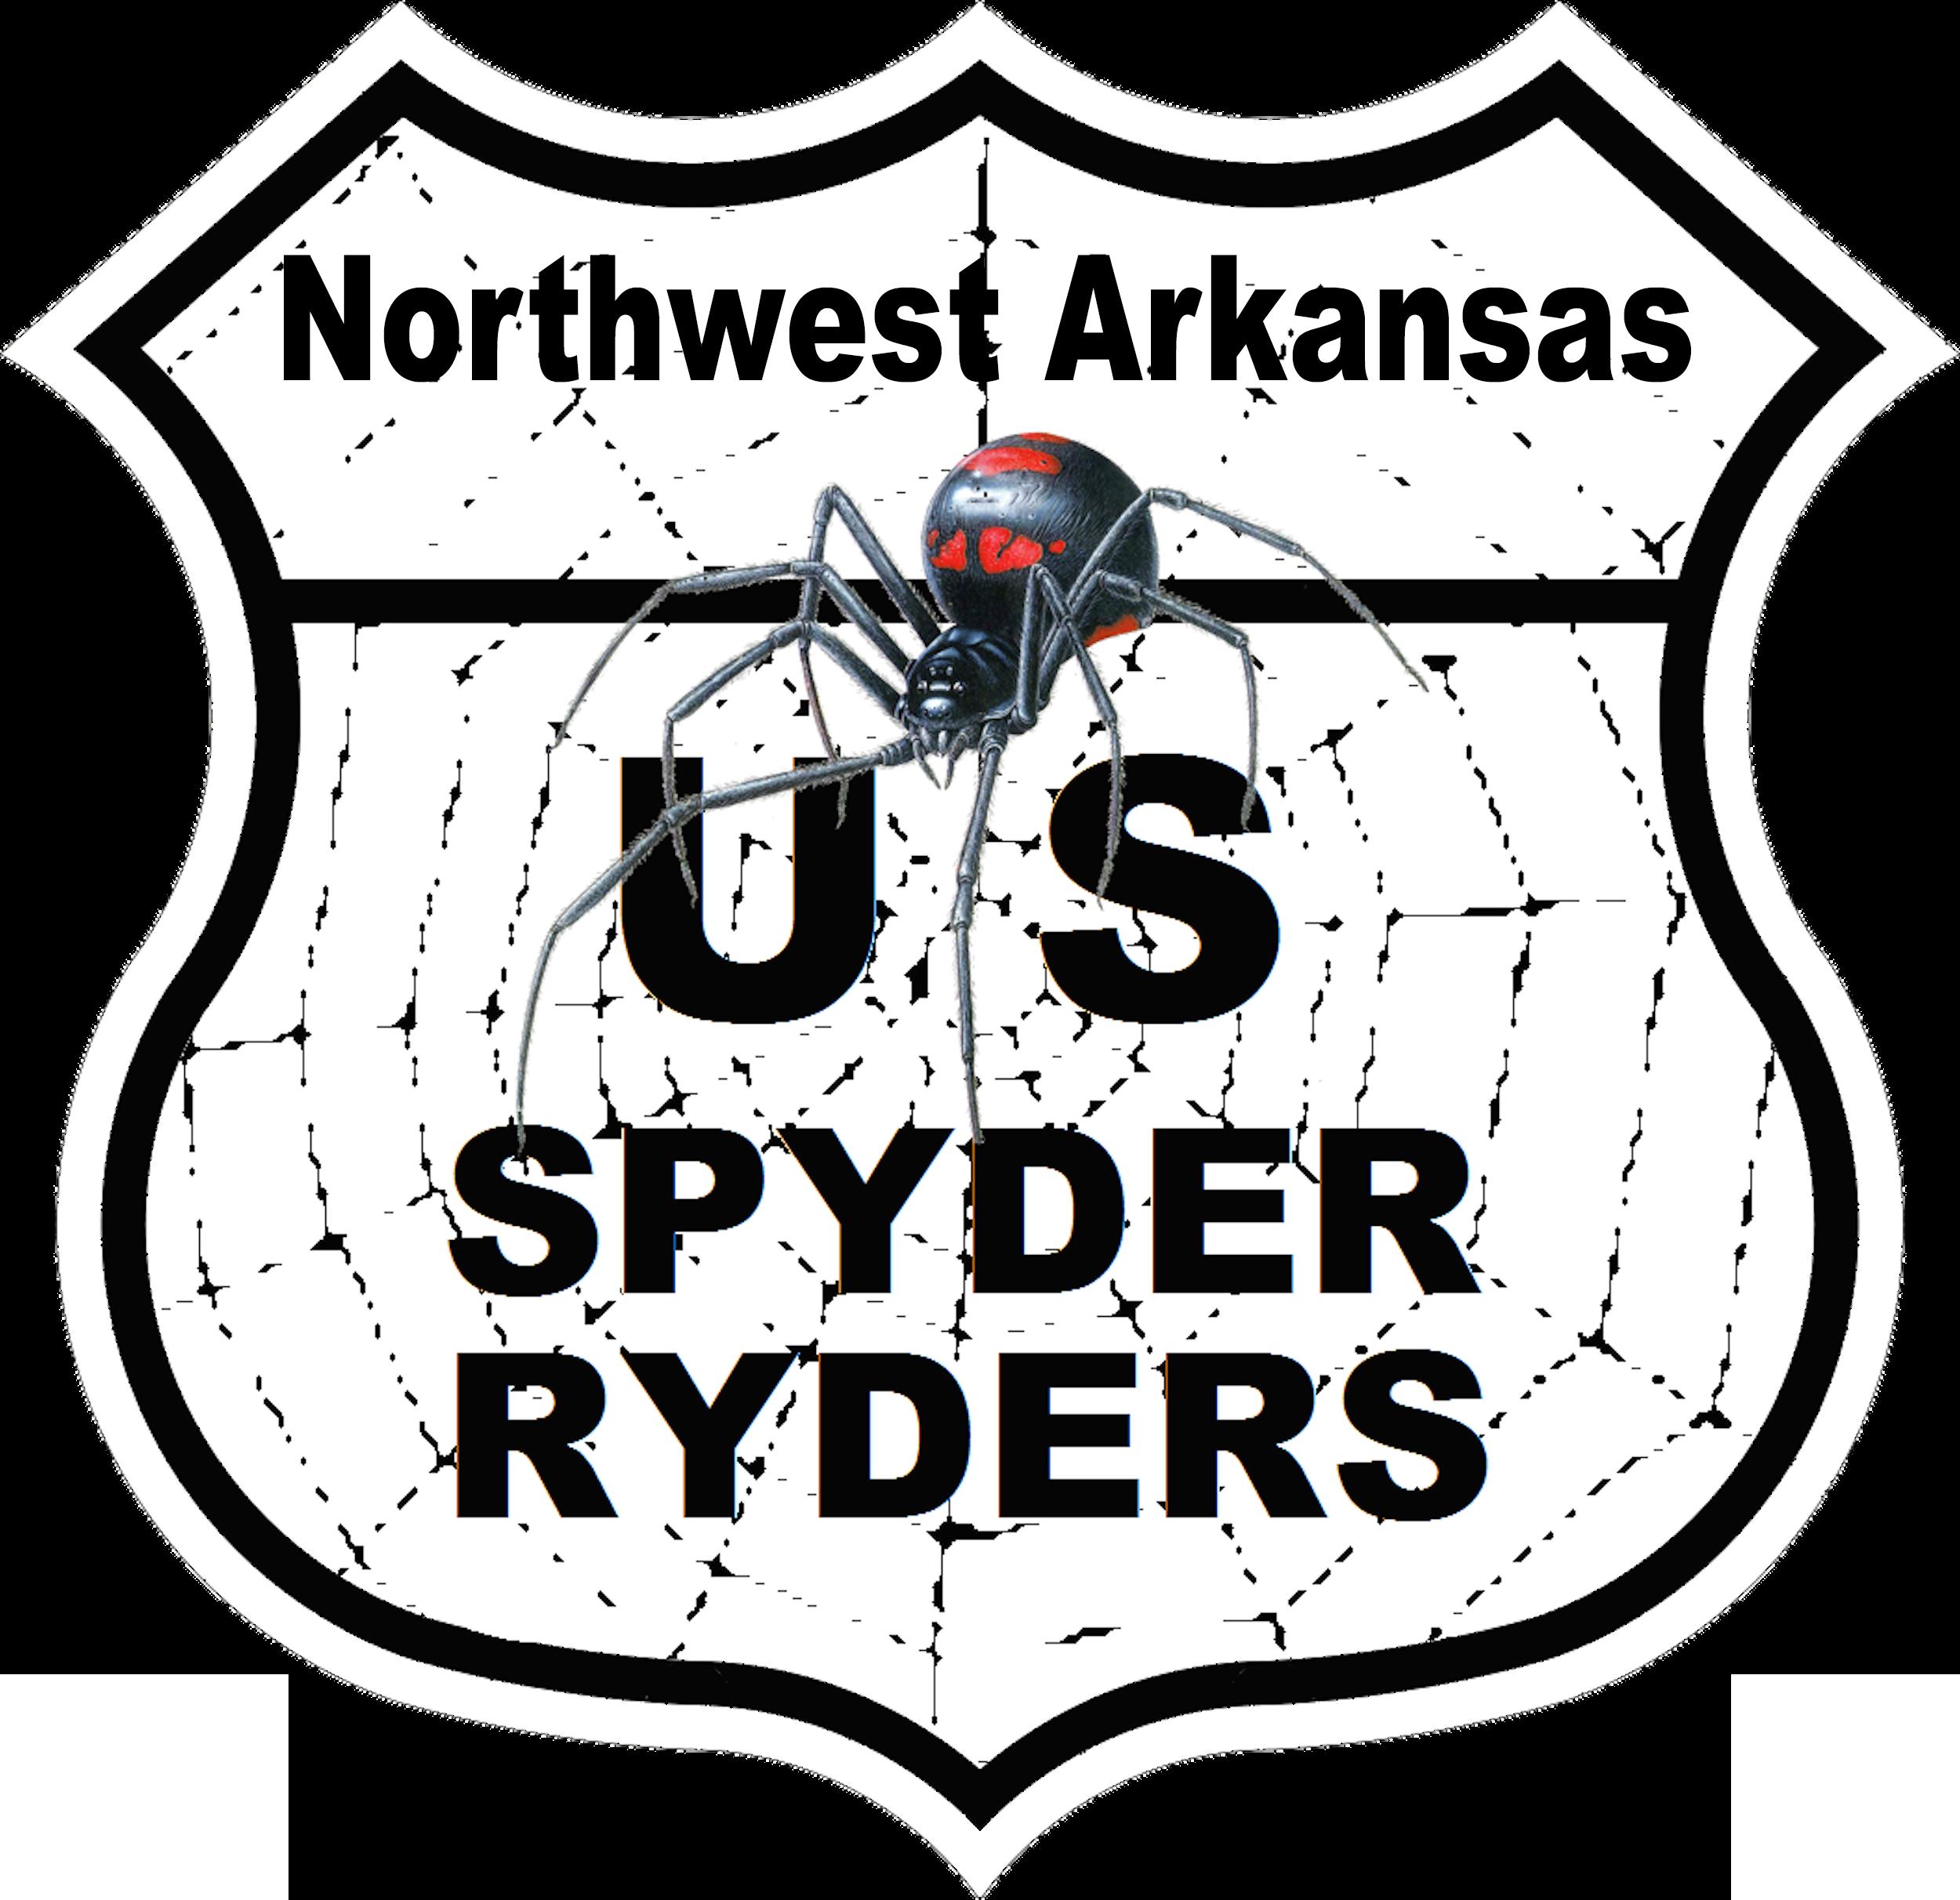 US_Spyder_Ryder_Arkansas_Northwest_logo.png